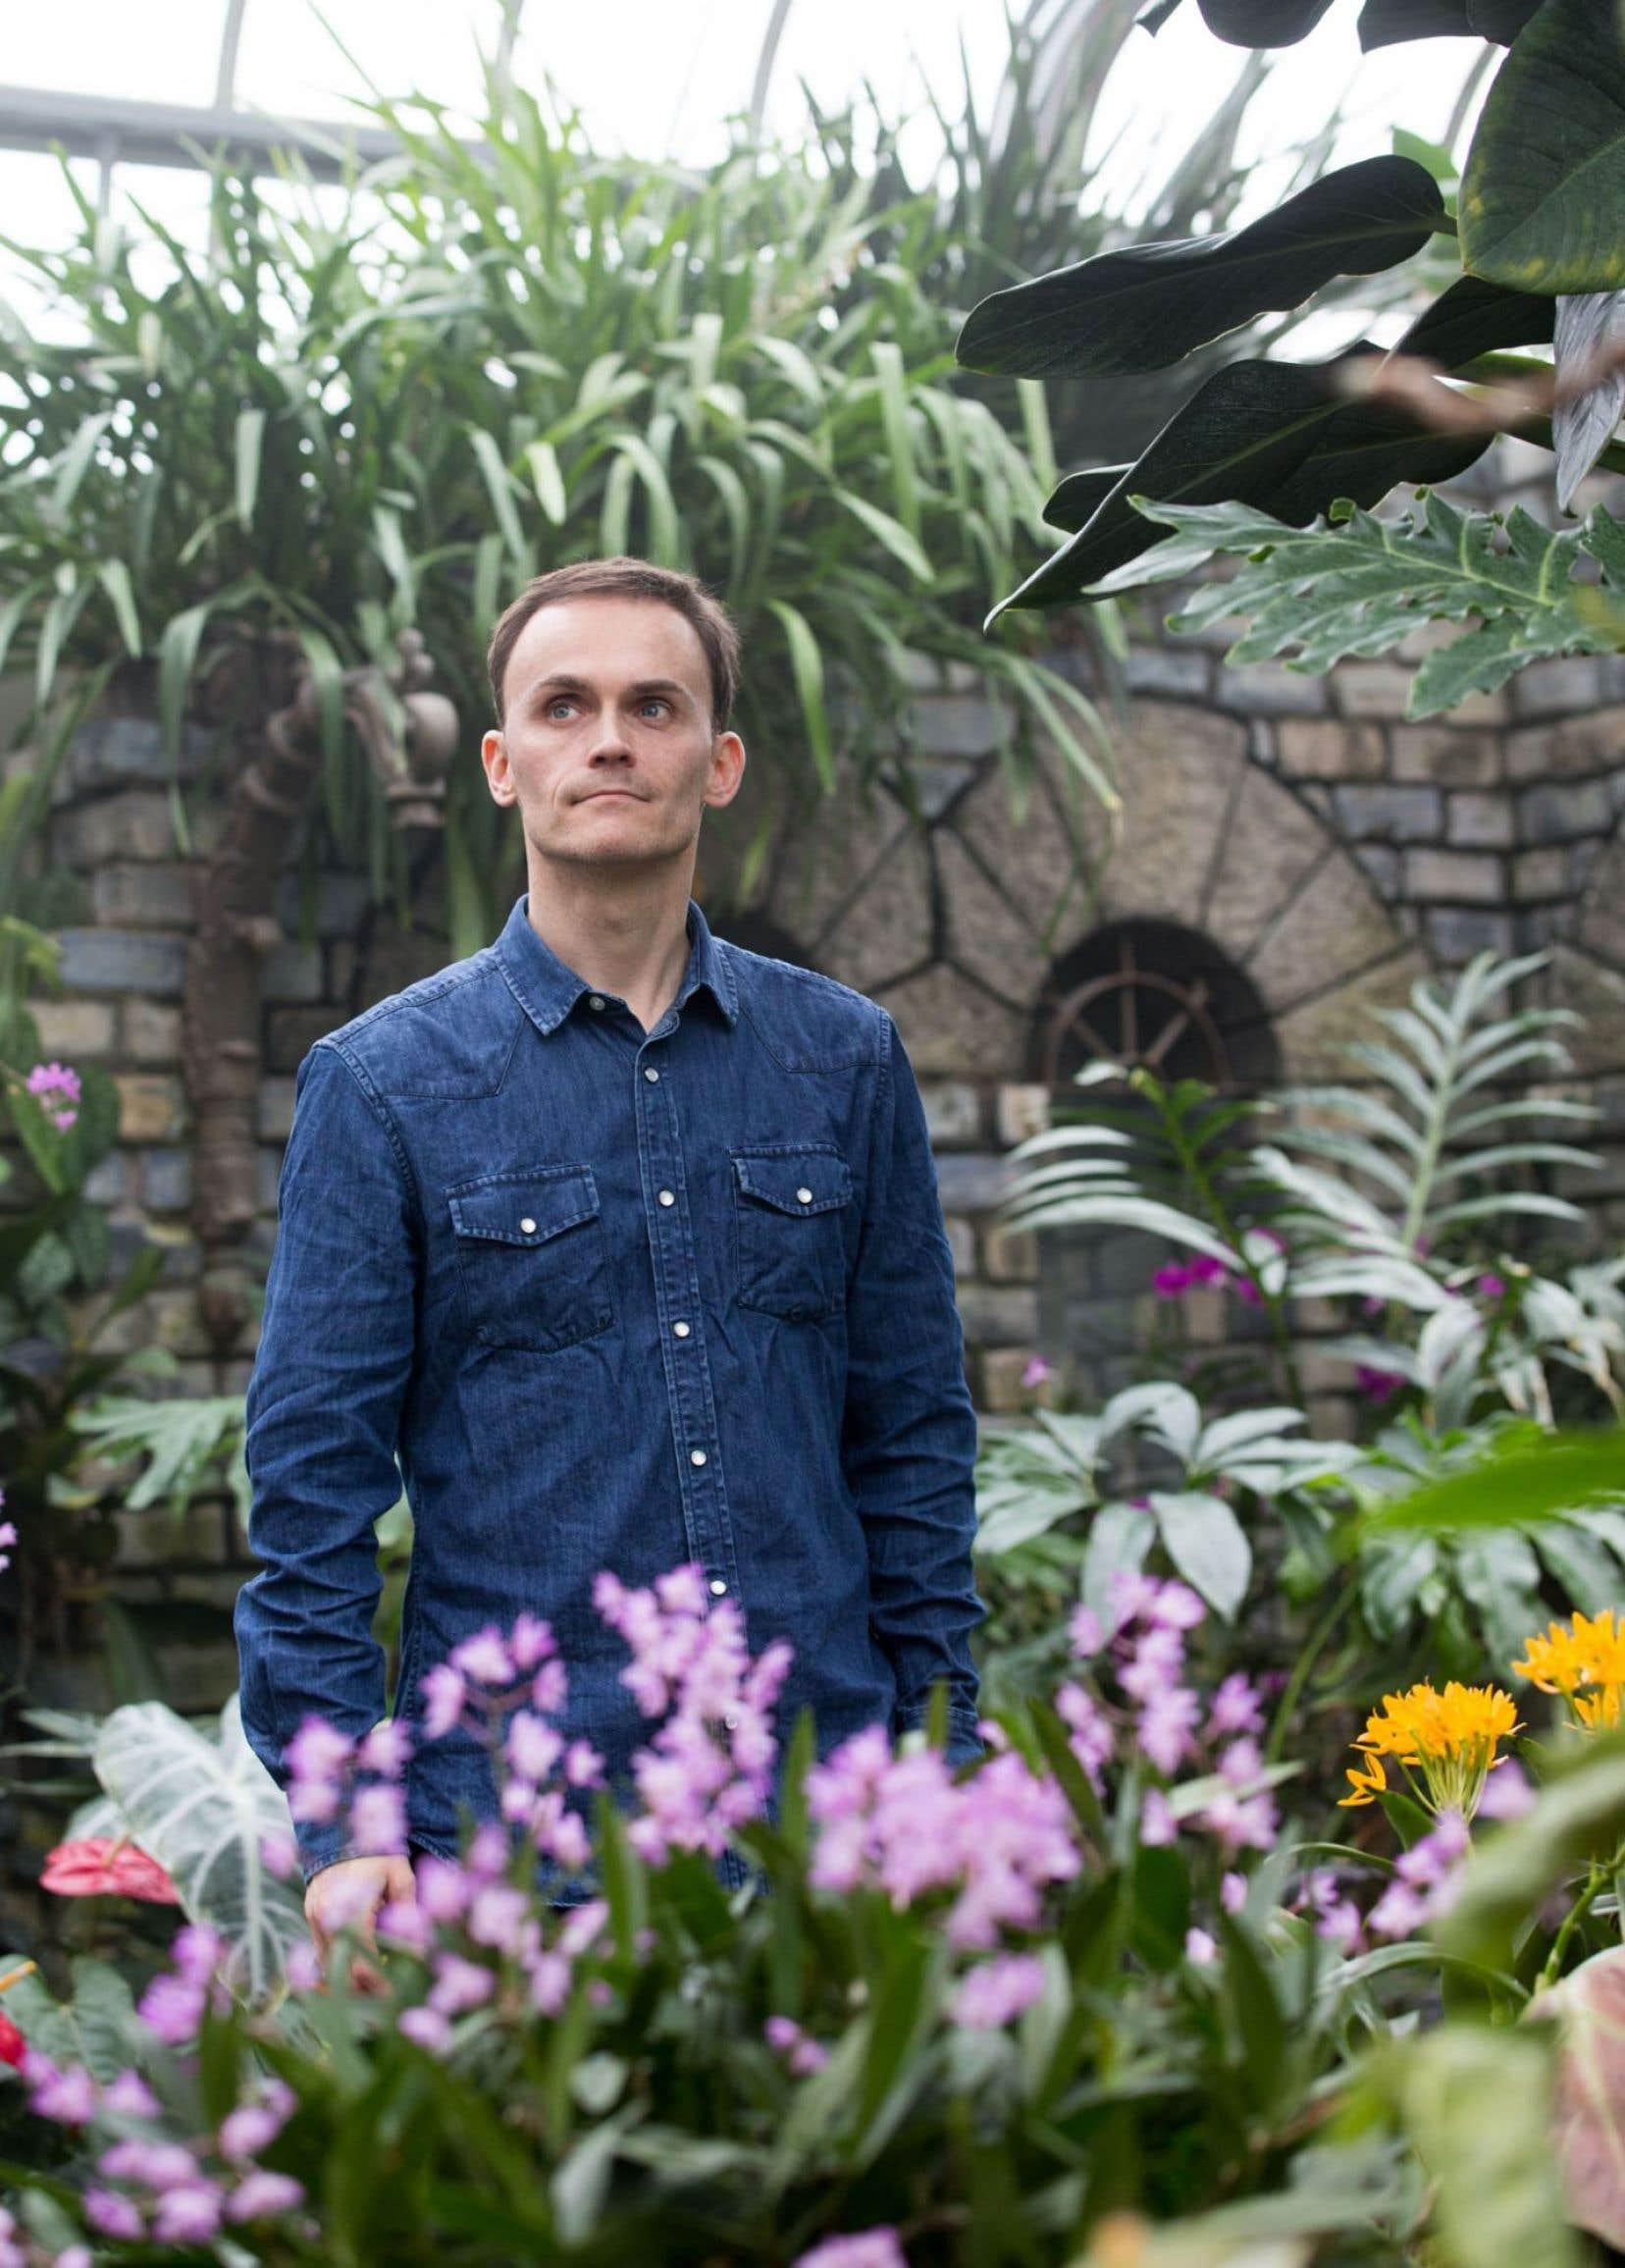 La passion du jardinage a fait son chemin. Contaminé par Frank Cabot, Sébastien Chabot, ici au Jardin botanique, s'y est mis aussi.